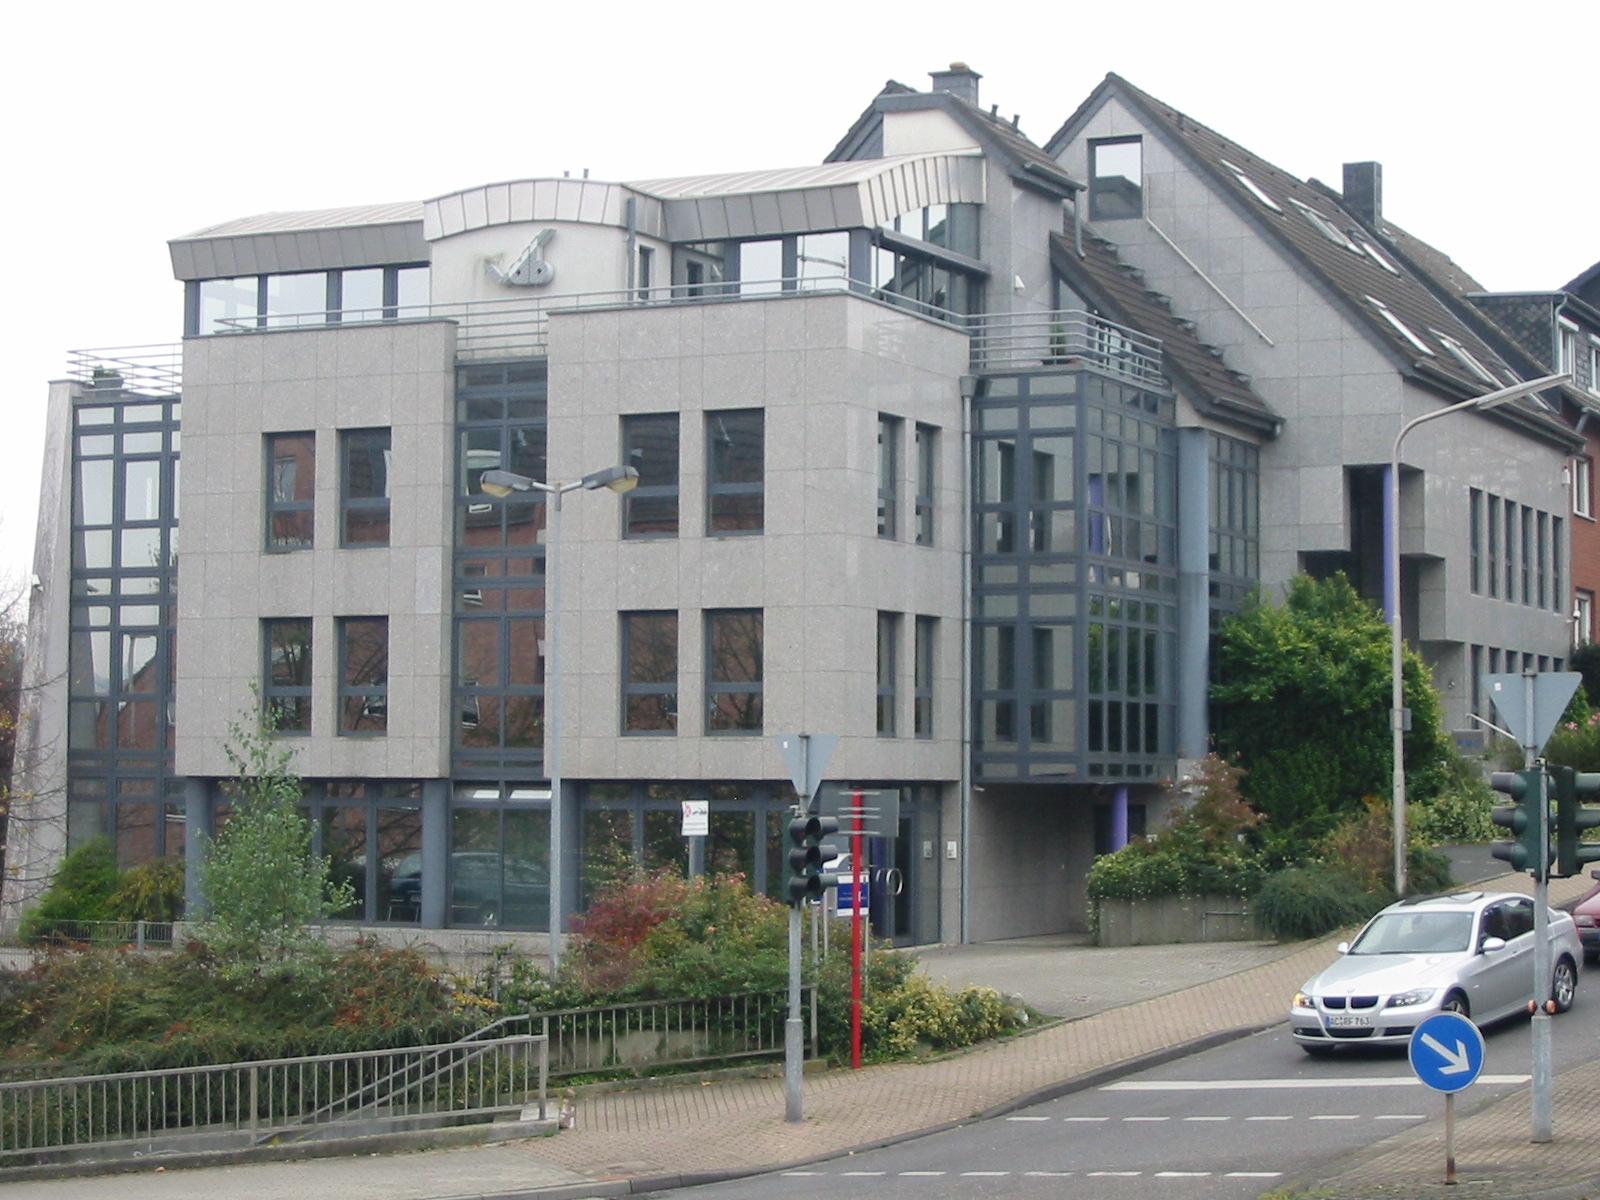 Bürogebäude (1. – 2. Bauabschnitt) Wendelinusstraße 6, Herzogenrath